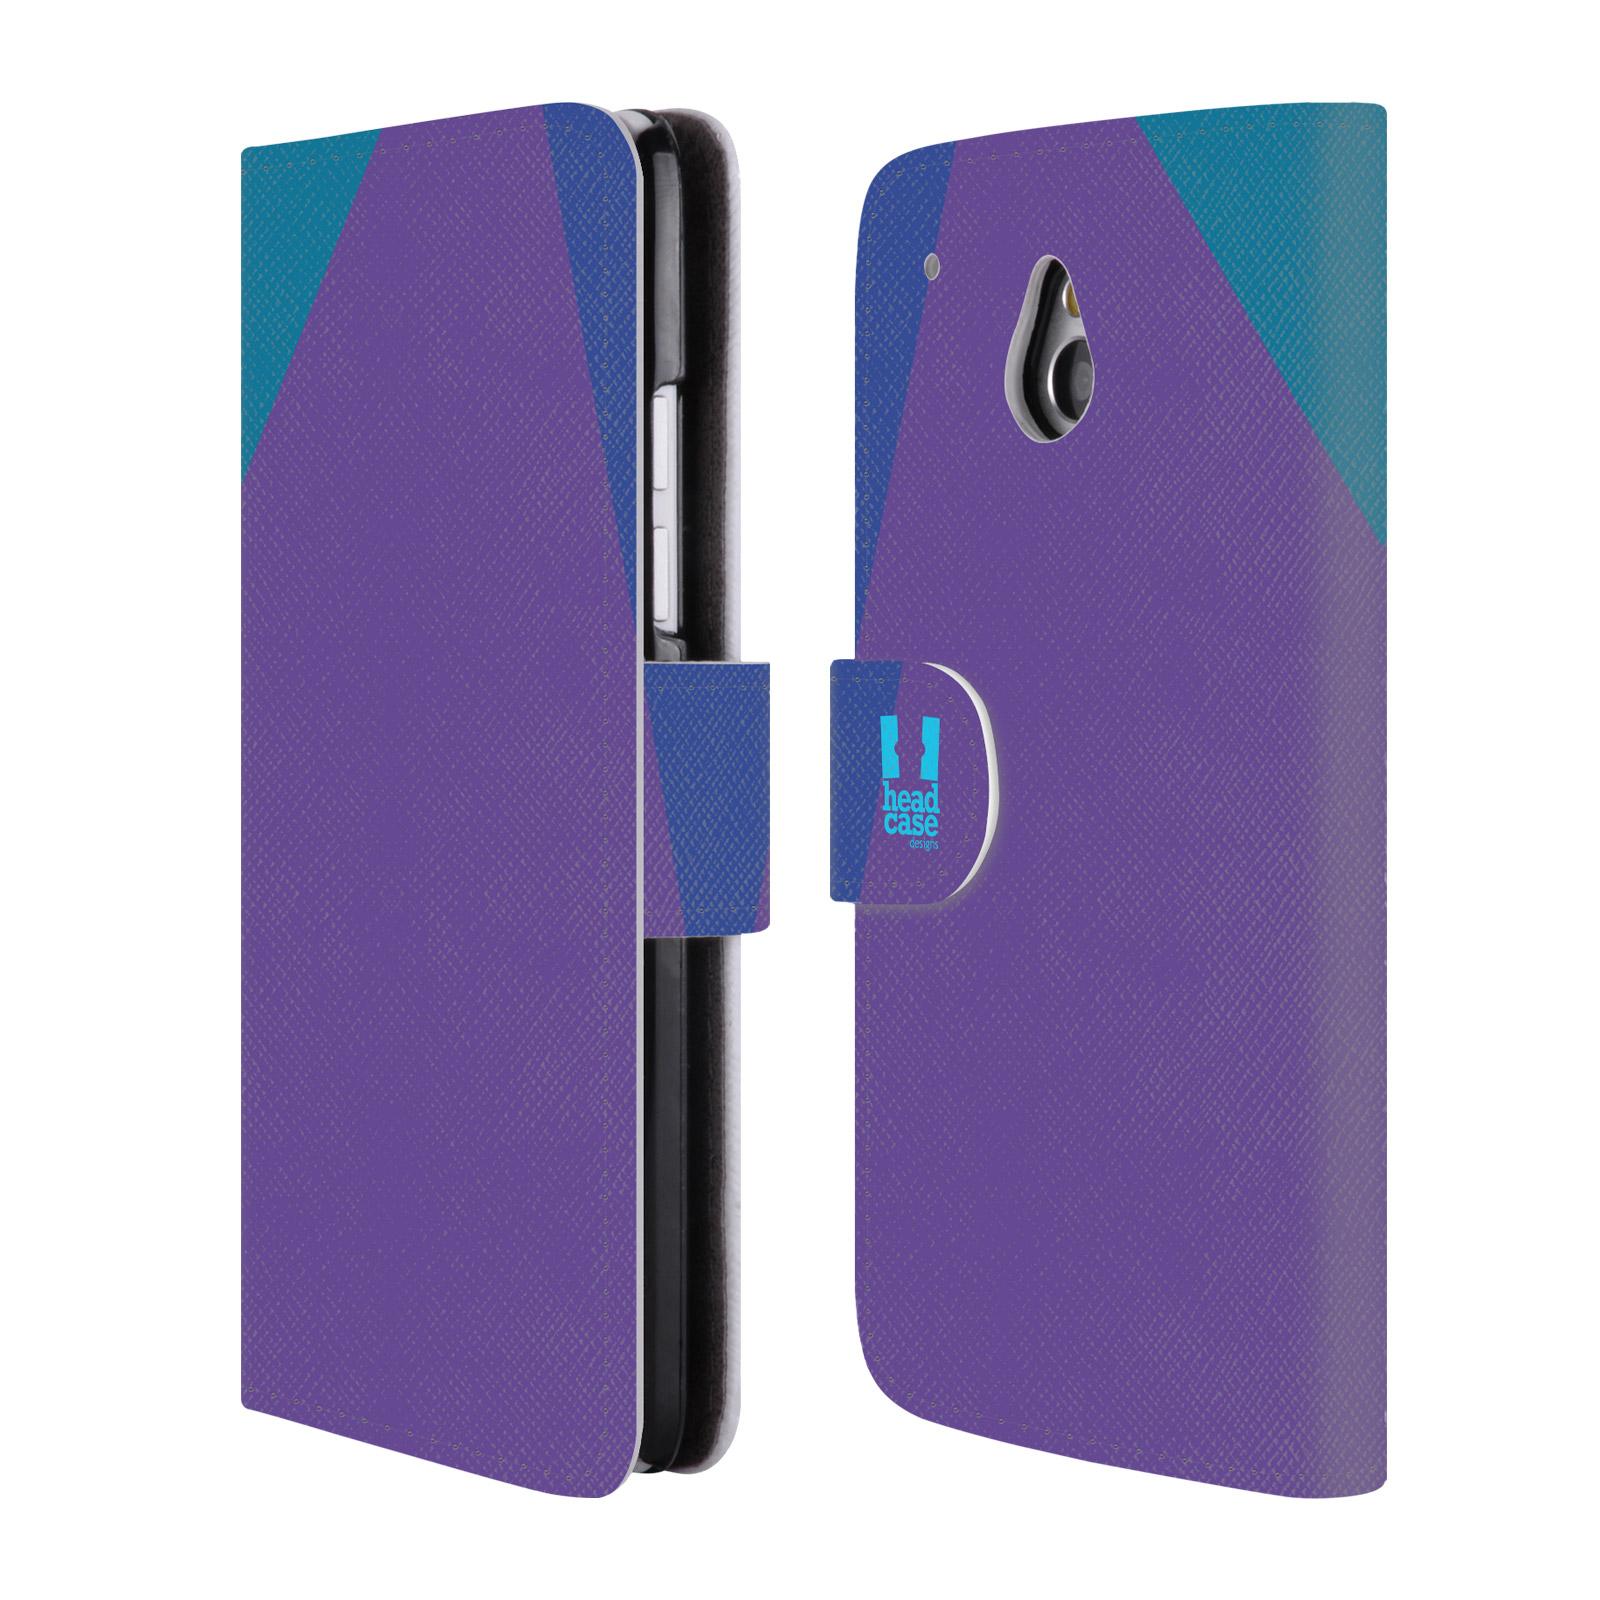 HEAD CASE Flipové pouzdro pro mobil HTC ONE MINI barevné tvary fialová feminine